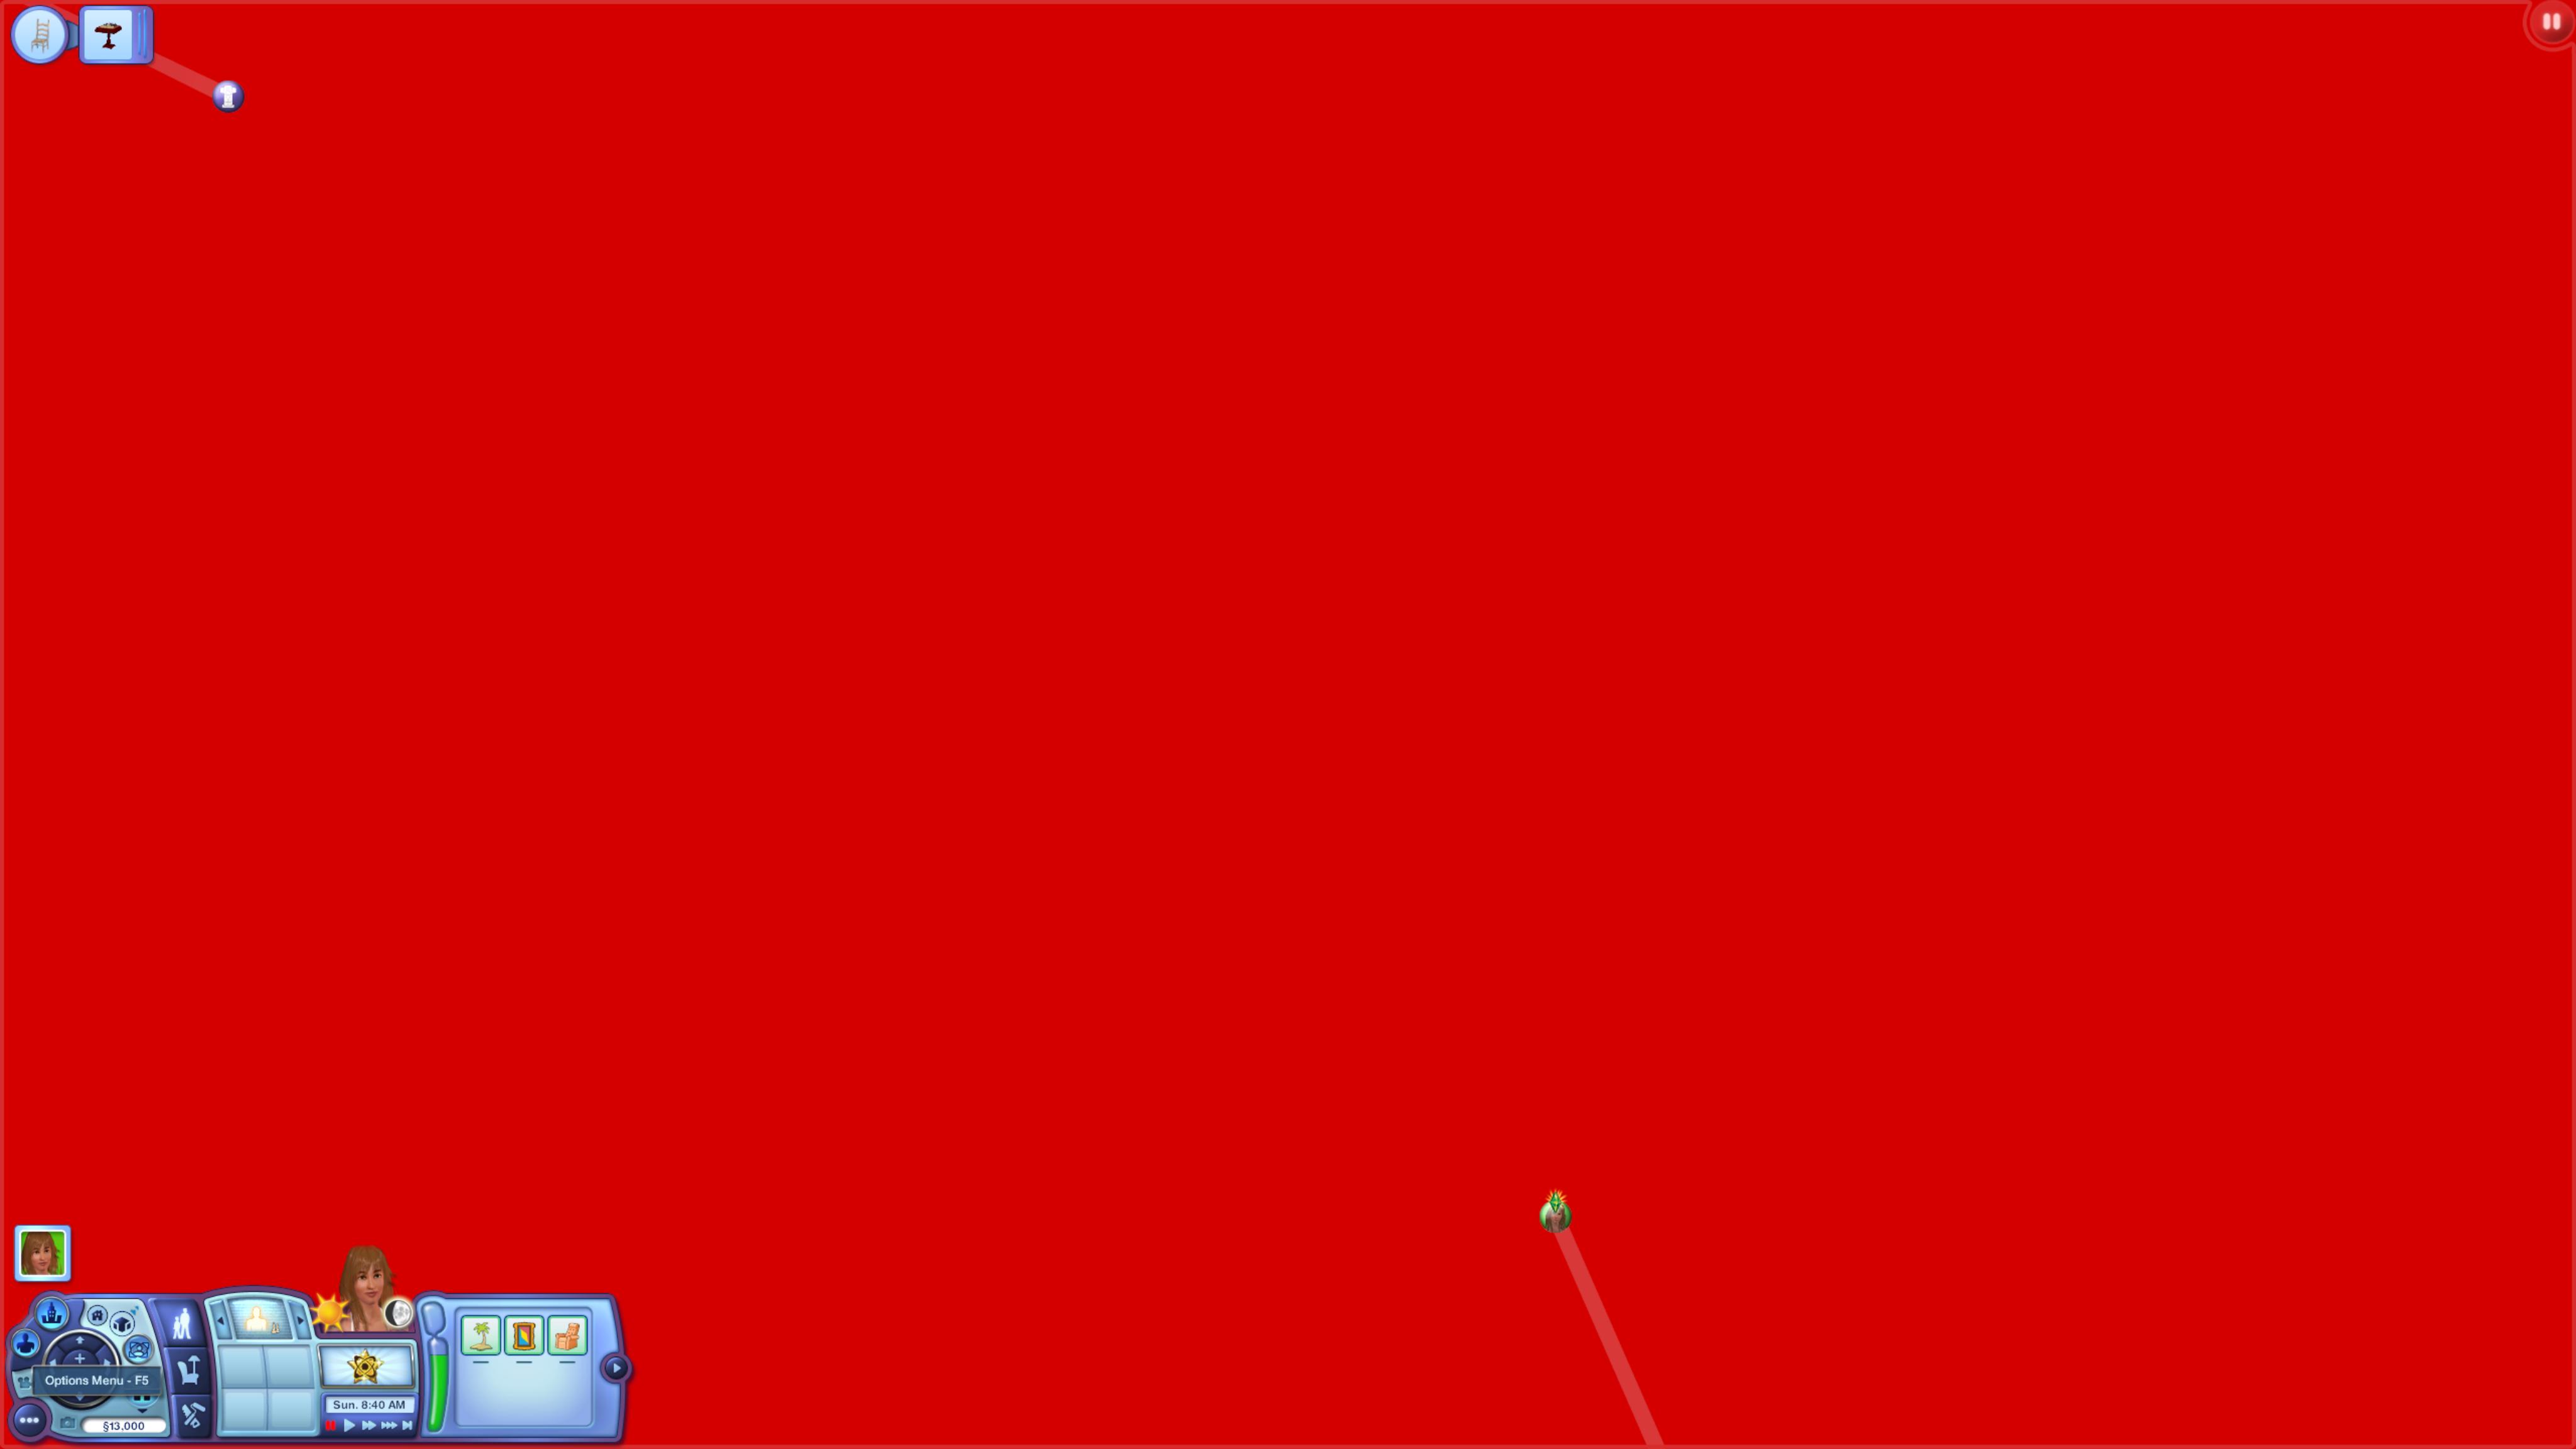 Screenshot 2020-11-01 at 09.39.59.png